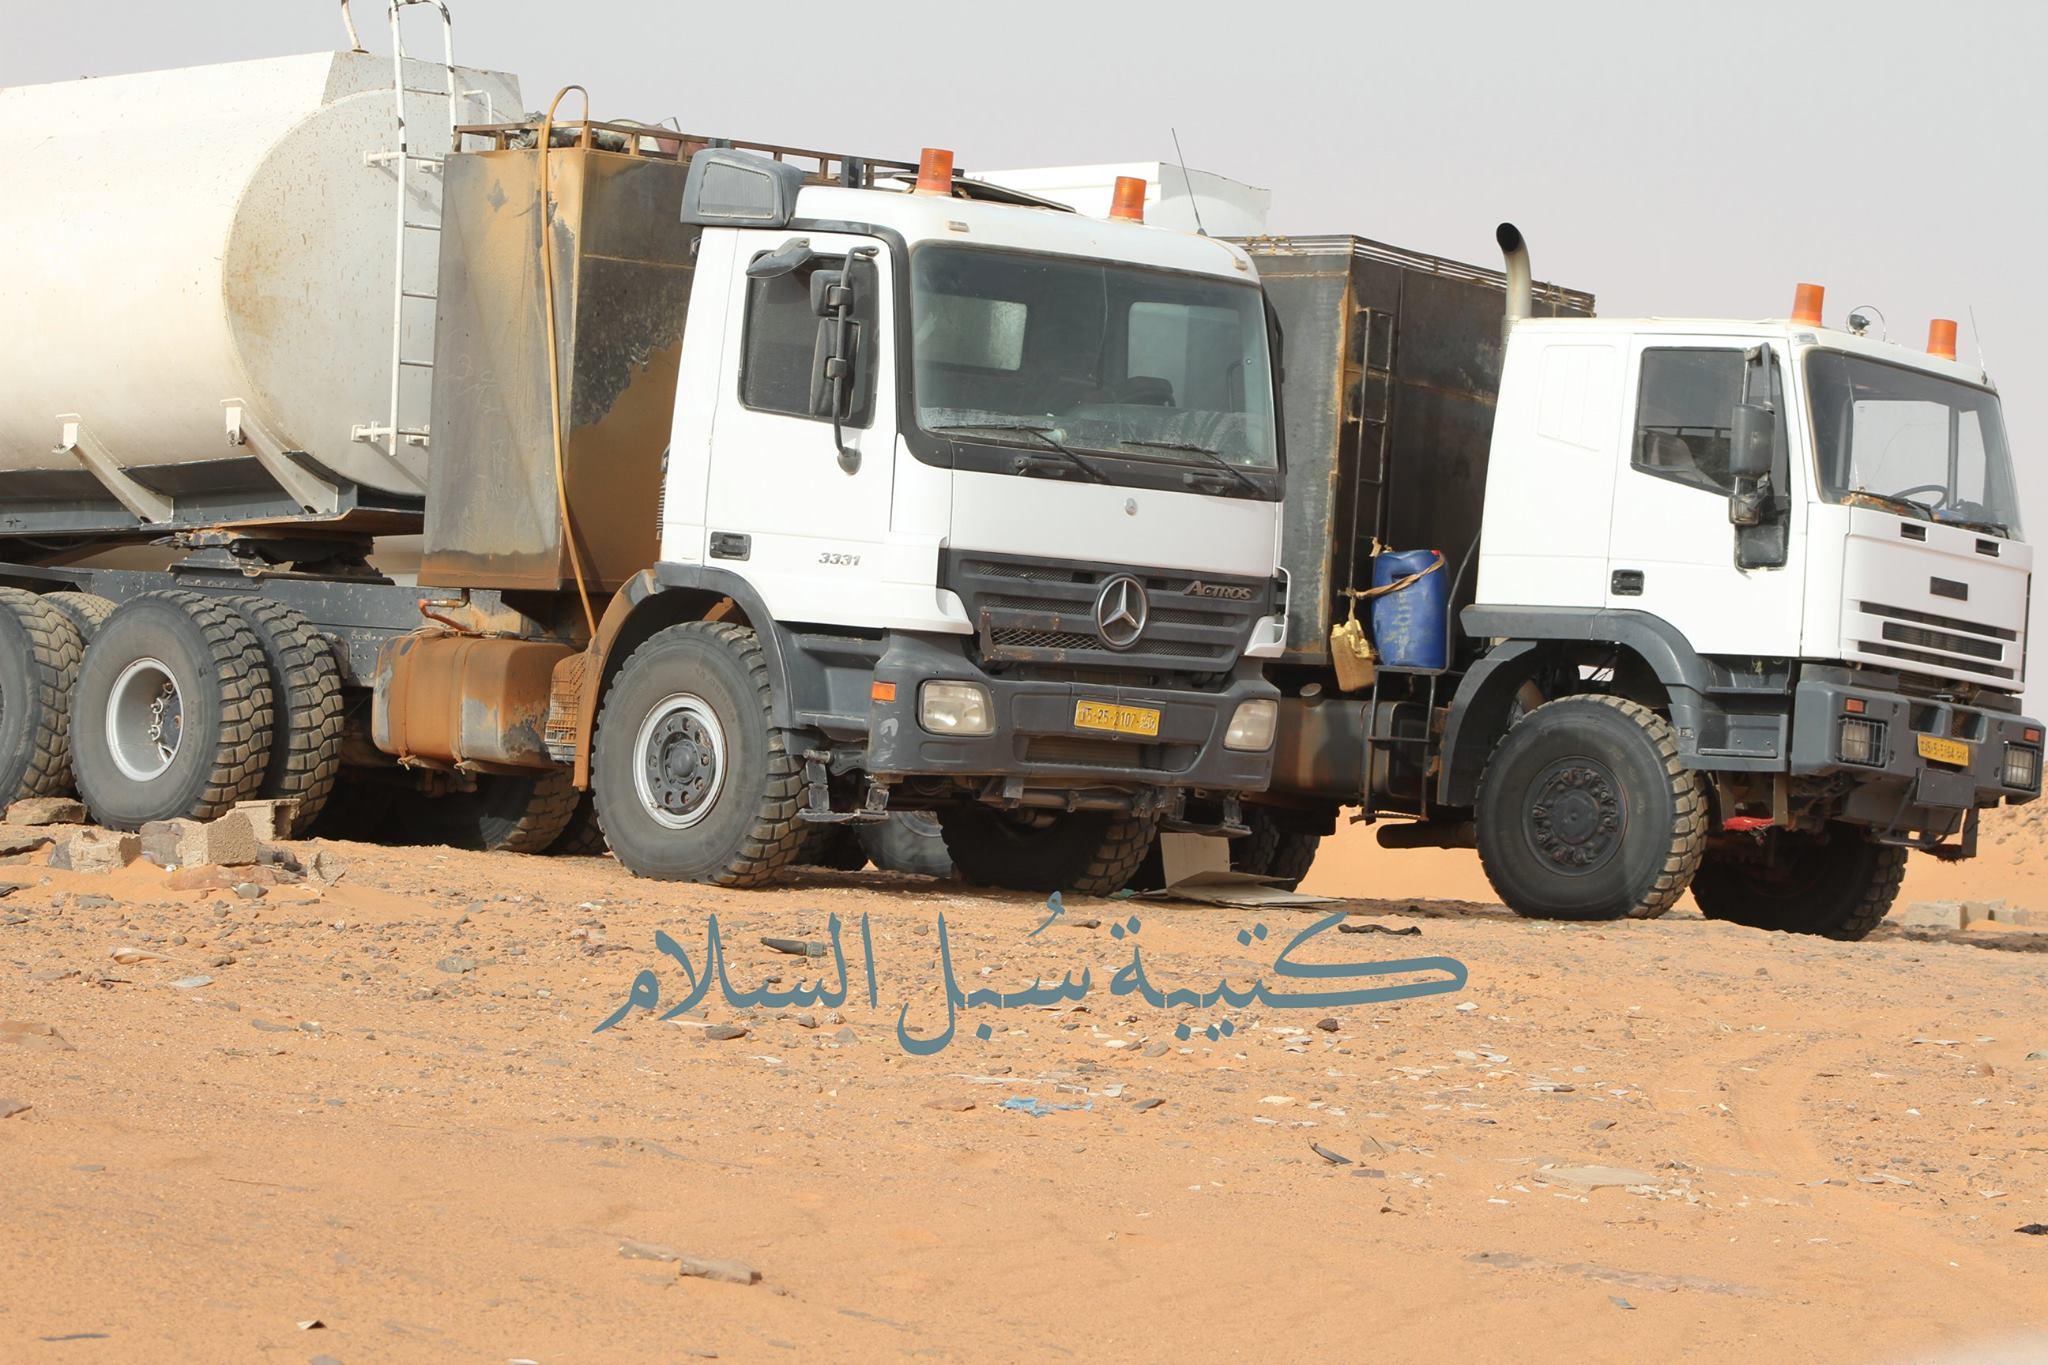 الجيش يضبط عصابة تُهرّب الوقود من ليبيا إلى تشاد